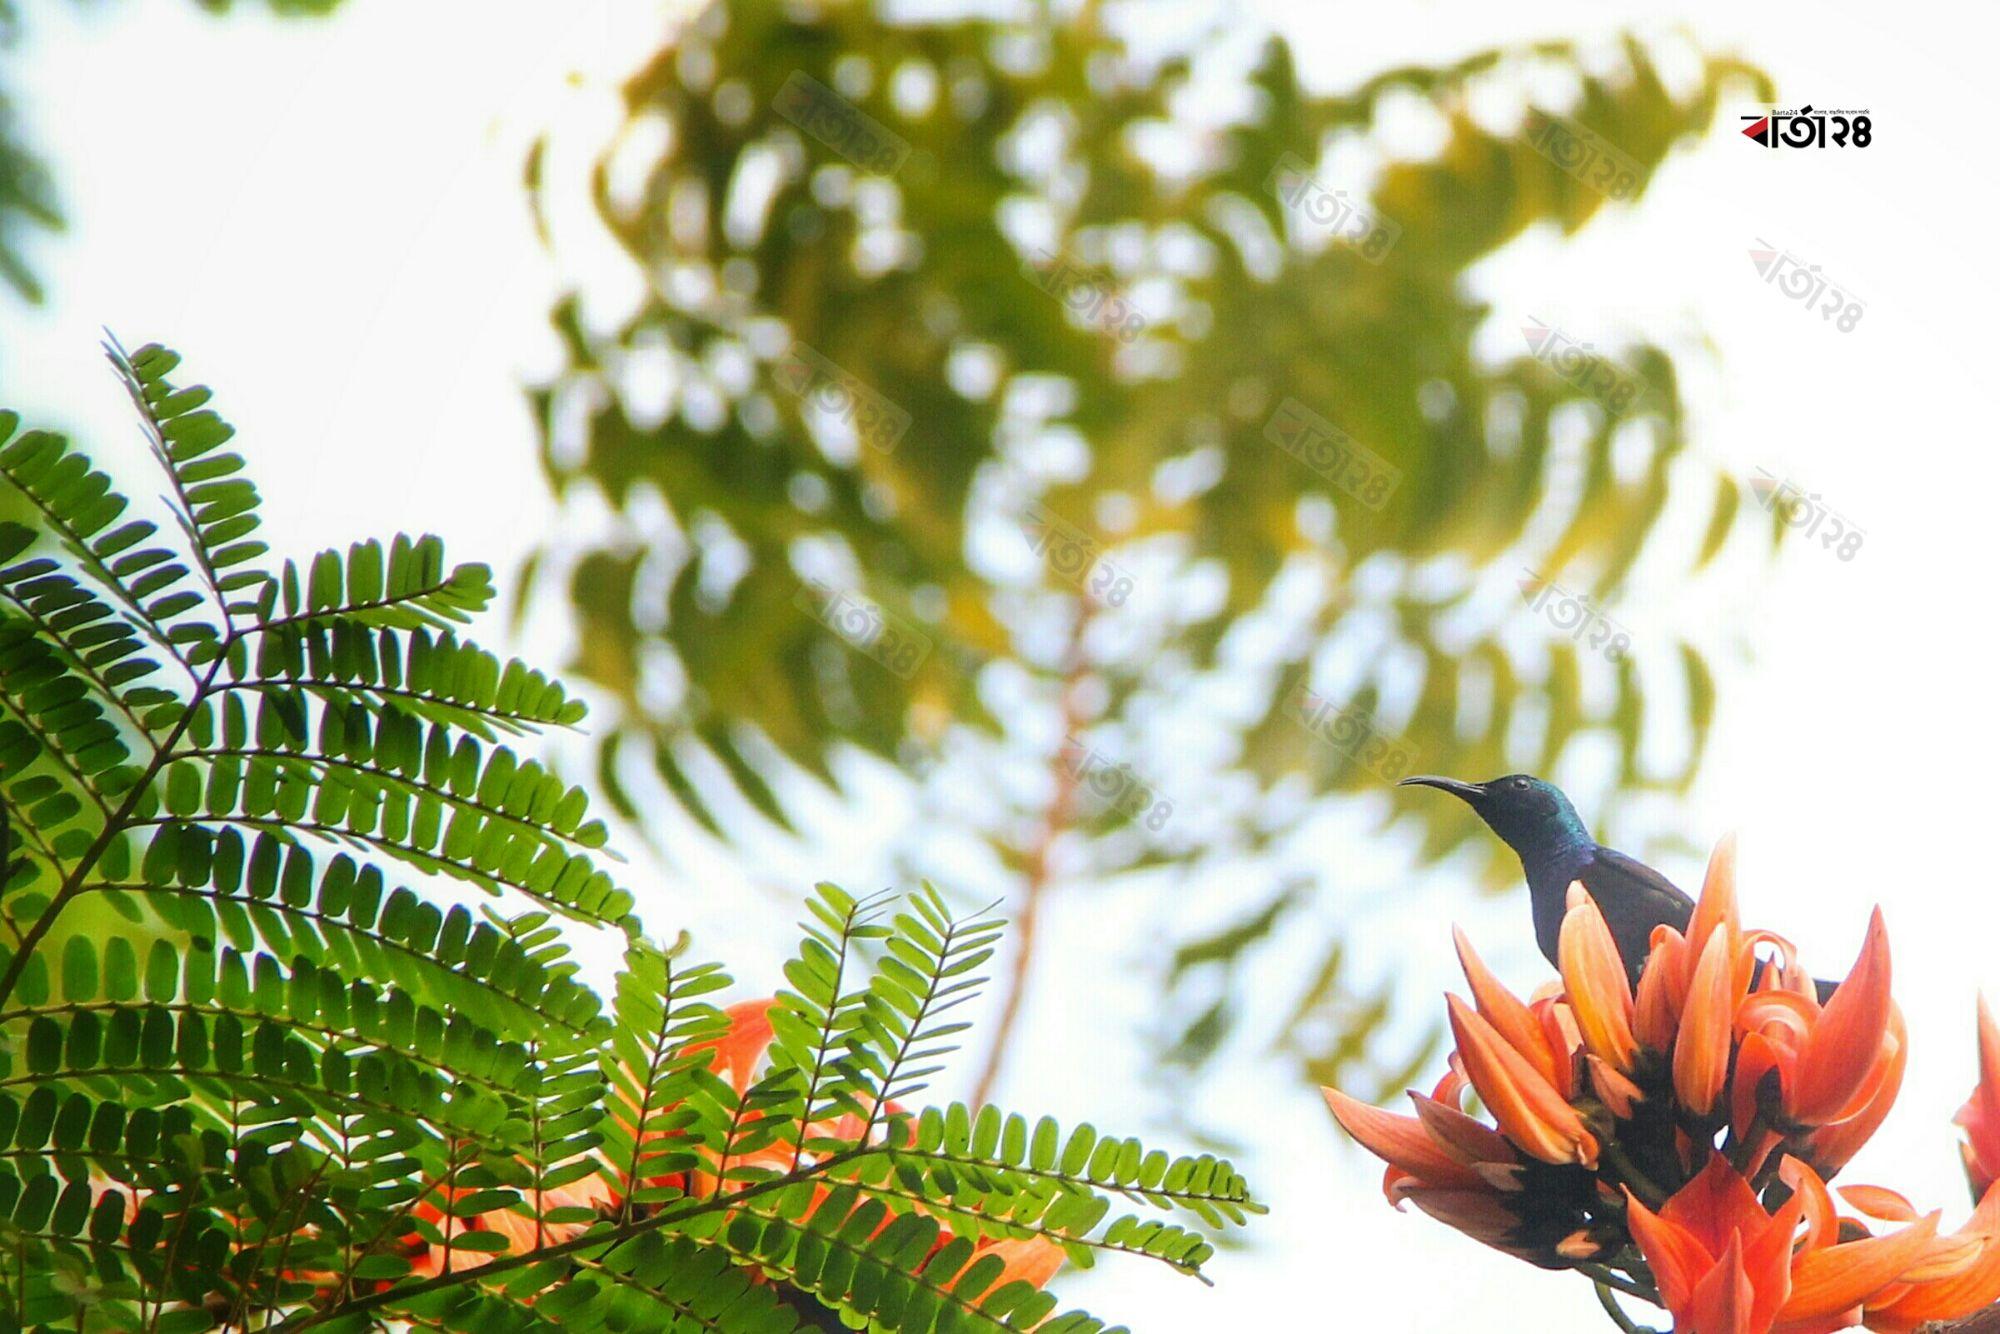 শিমুল ফুলে বসে আছে সাব-সাহারান আফ্রিকা অঞ্চলে পাওয়া সূর্যাস্ত পরিবারের একটি ছোট প্যালেস্তাইন সানবার্ড। ছবিটি চট্টগ্রাম থেকে তুলেছেন সুমন শেখ।